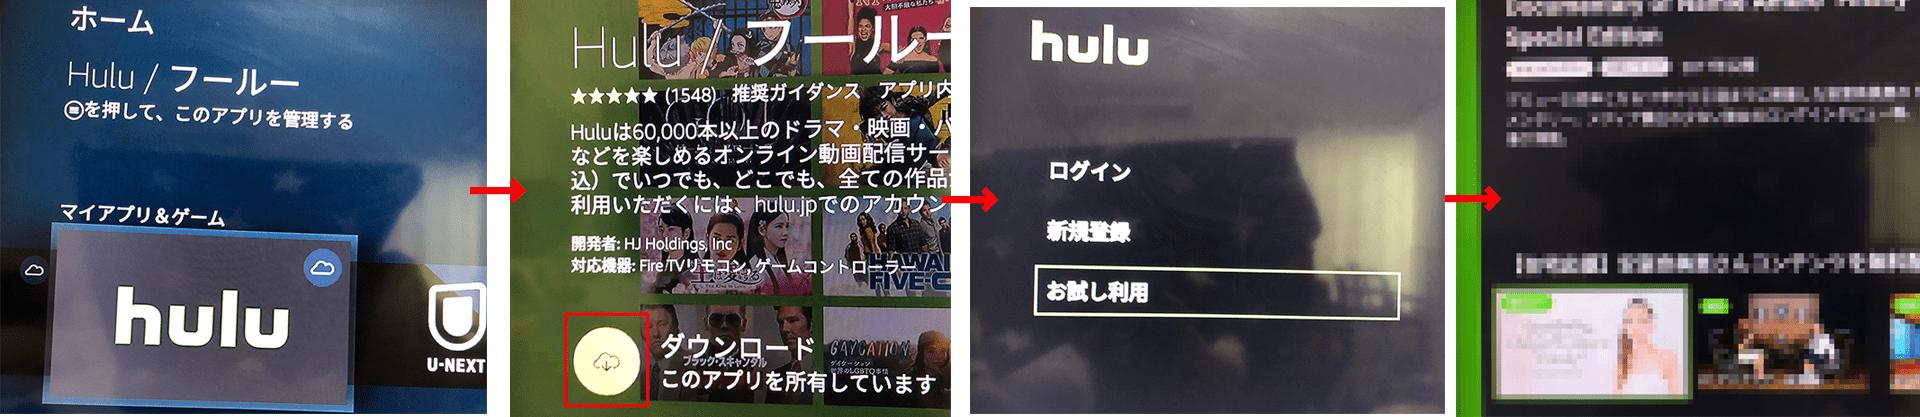 Hulu無料動画視聴